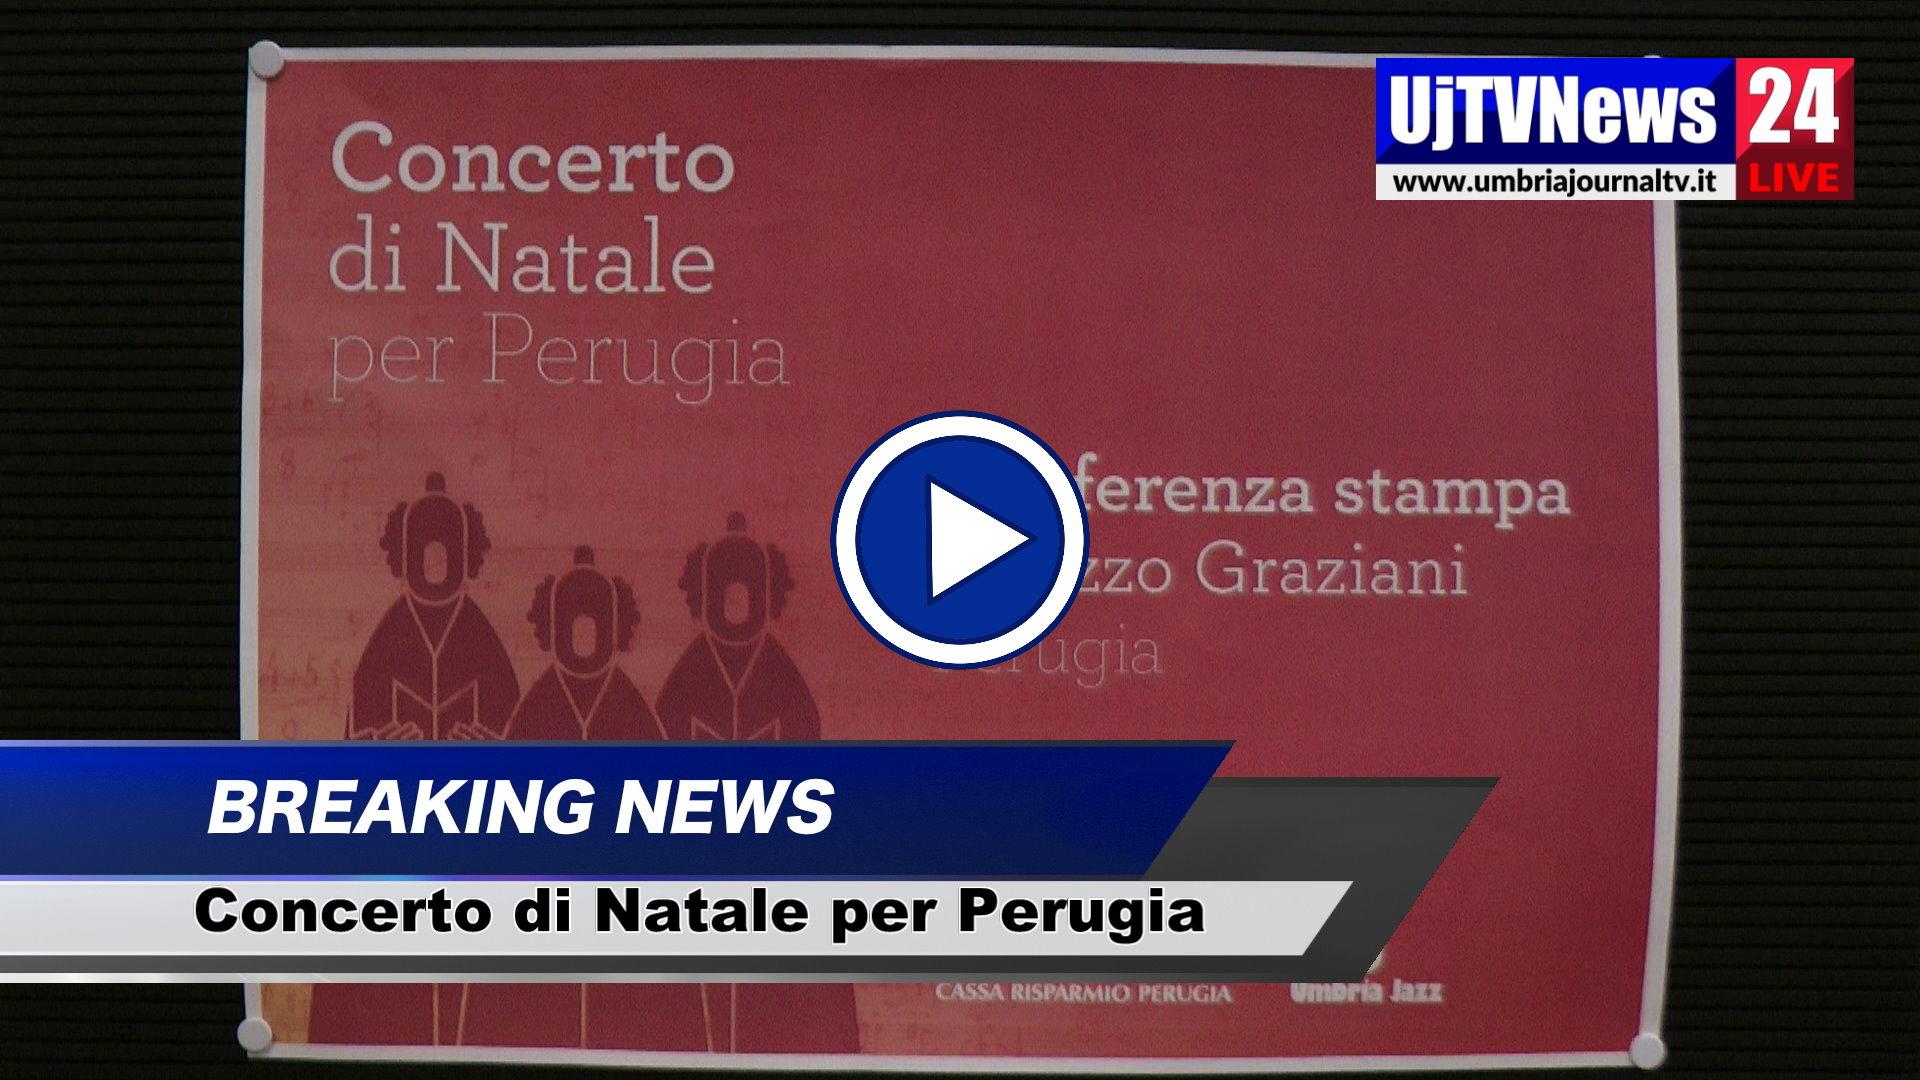 Tre concerti per Natale, le interviste video Fondazione CariPg e Umbria Jazz